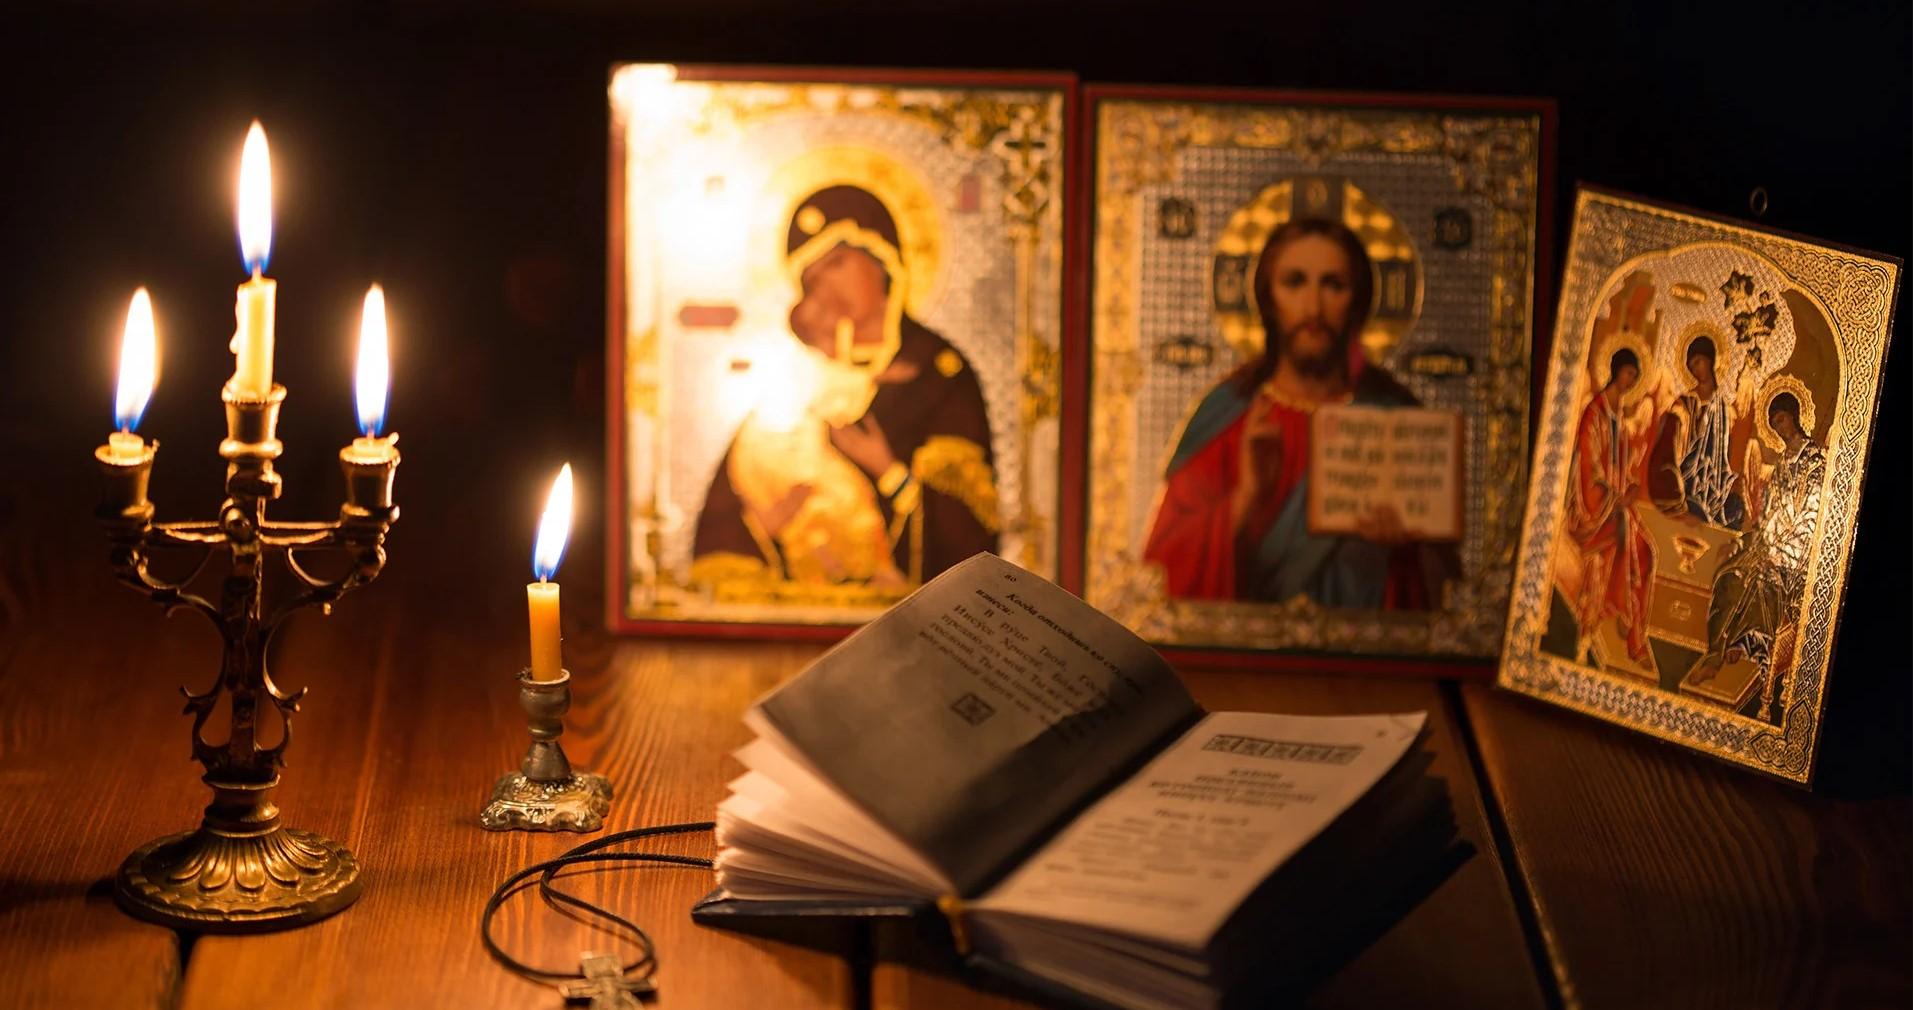 Άγιος Εφραίμ: Νυκτερινή προσευχή για προστασία από το κακό ...